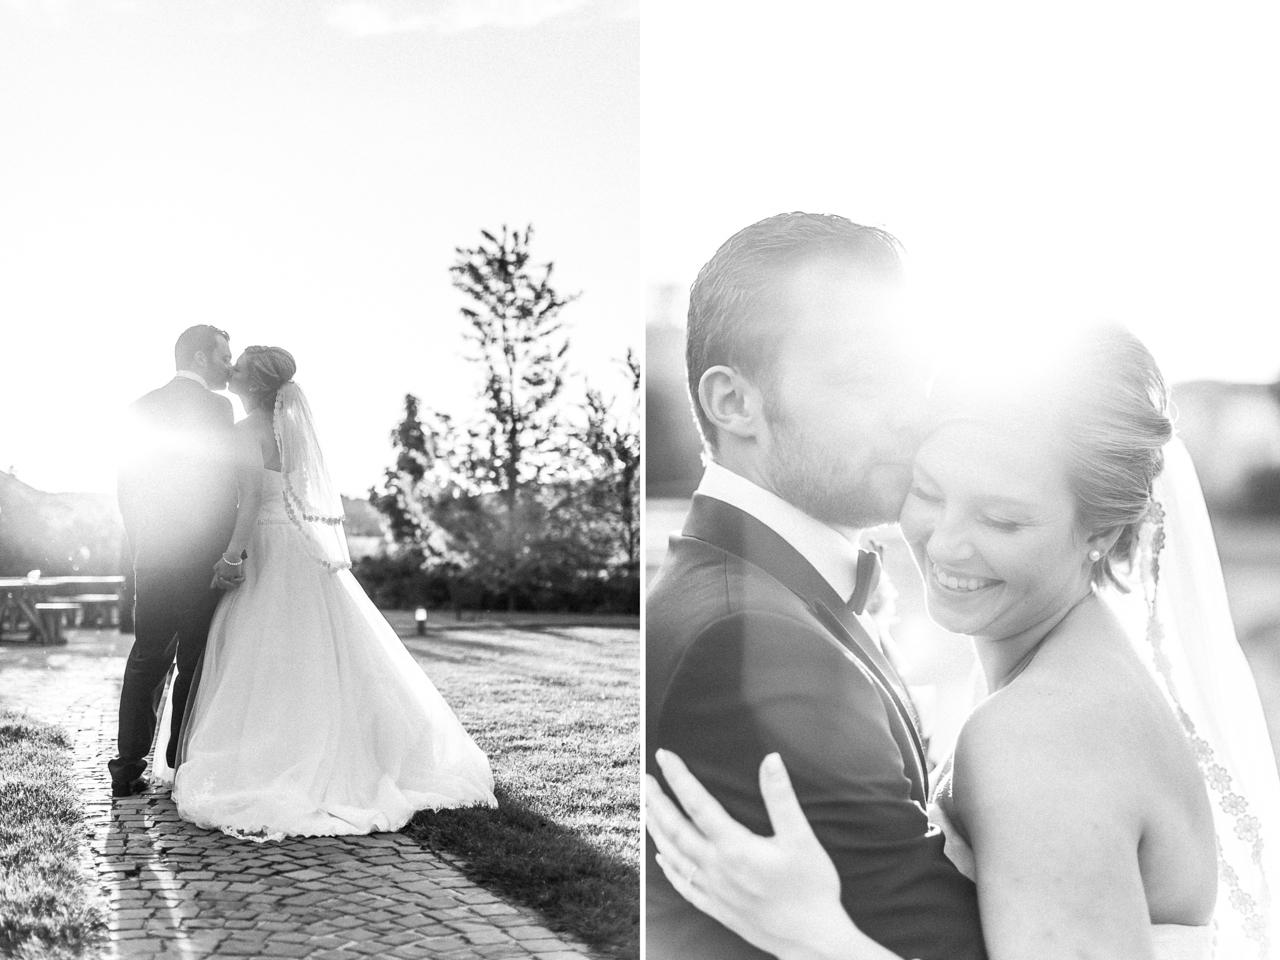 Hochzeit Eventscheune Dagobertshausen - Julia & Florian - Sandra Socha Fotografie - -30